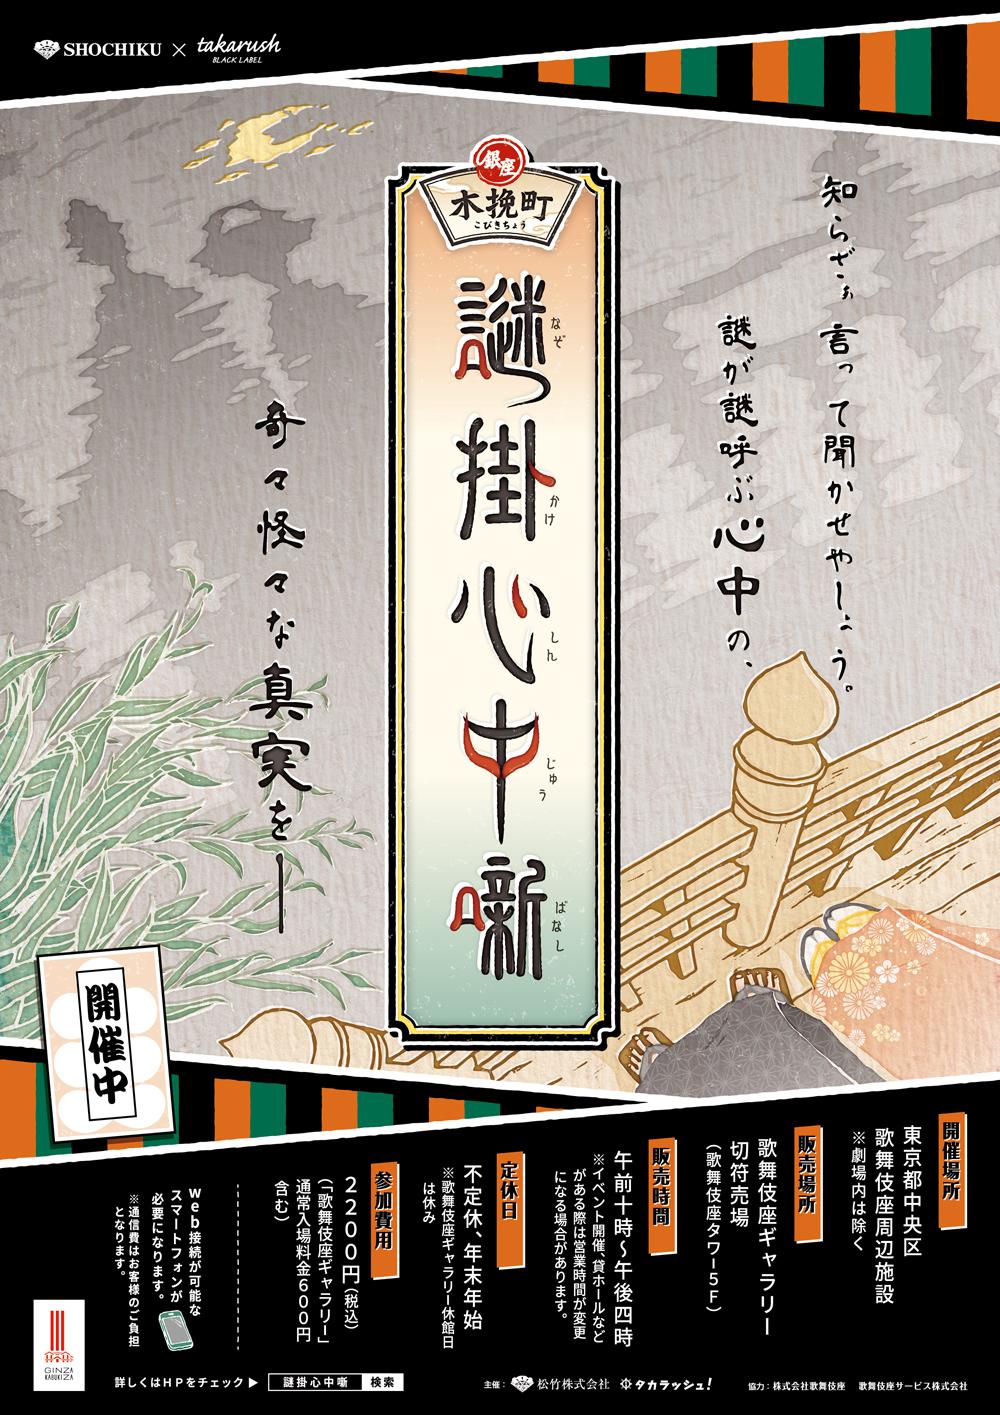 謎解きプログラム「銀座木挽町 謎掛心中噺」開催のお知らせ